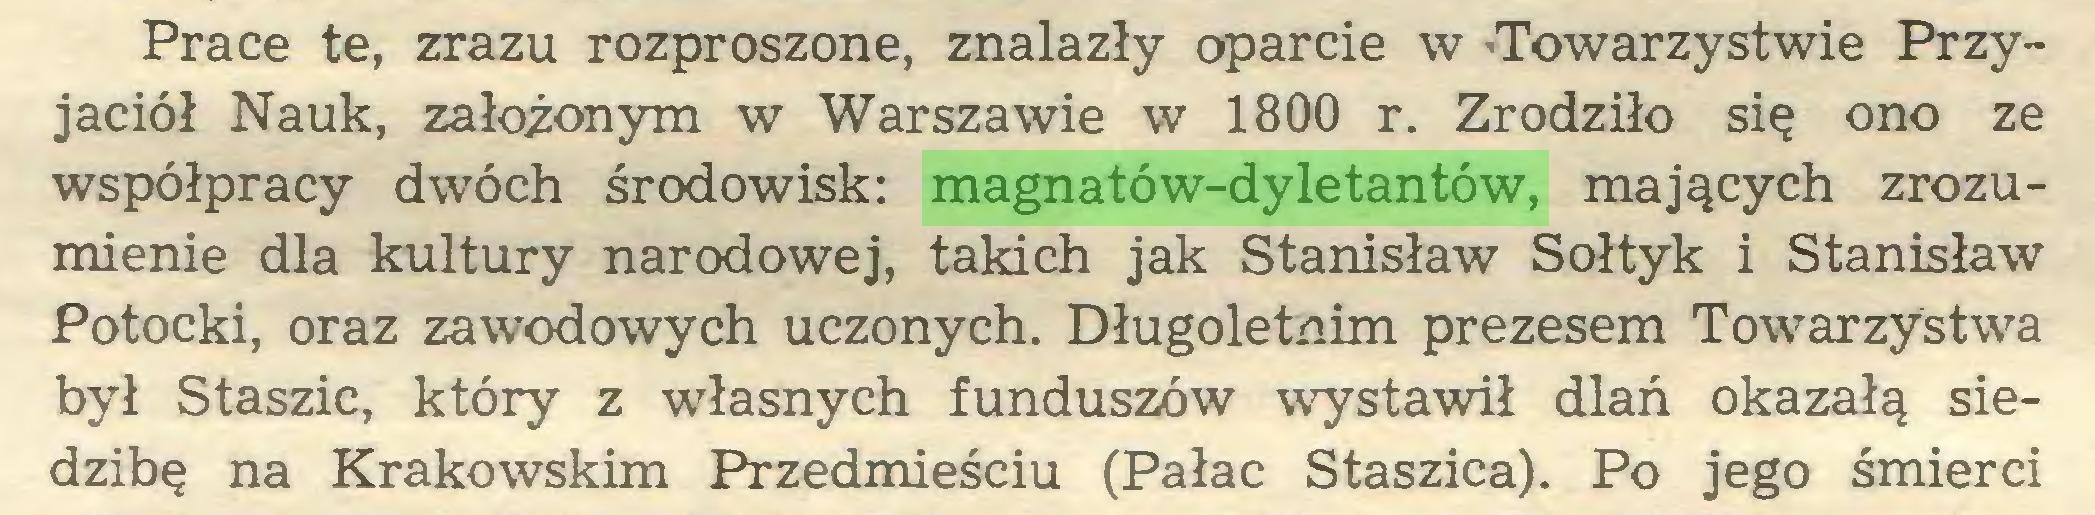 (...) Prace te, zrazu rozproszone, znalazły oparcie w -Towarzystwie Przyjaciół Nauk, załoionym w Warszawie w 1800 r. Zrodziło się ono ze współpracy dwóch środowisk: magnatów-dyletantów, mających zrozumienie dla kultury narodowej, takich jak Stanisław Sołtyk i Stanisław Potocki, oraz zawodowych uczonych. Długoletnim prezesem Towarzystwa był Staszic, który z własnych funduszów wystawił dlań okazałą siedzibę na Krakowskim Przedmieściu (Pałac Staszica). Po jego śmierci...